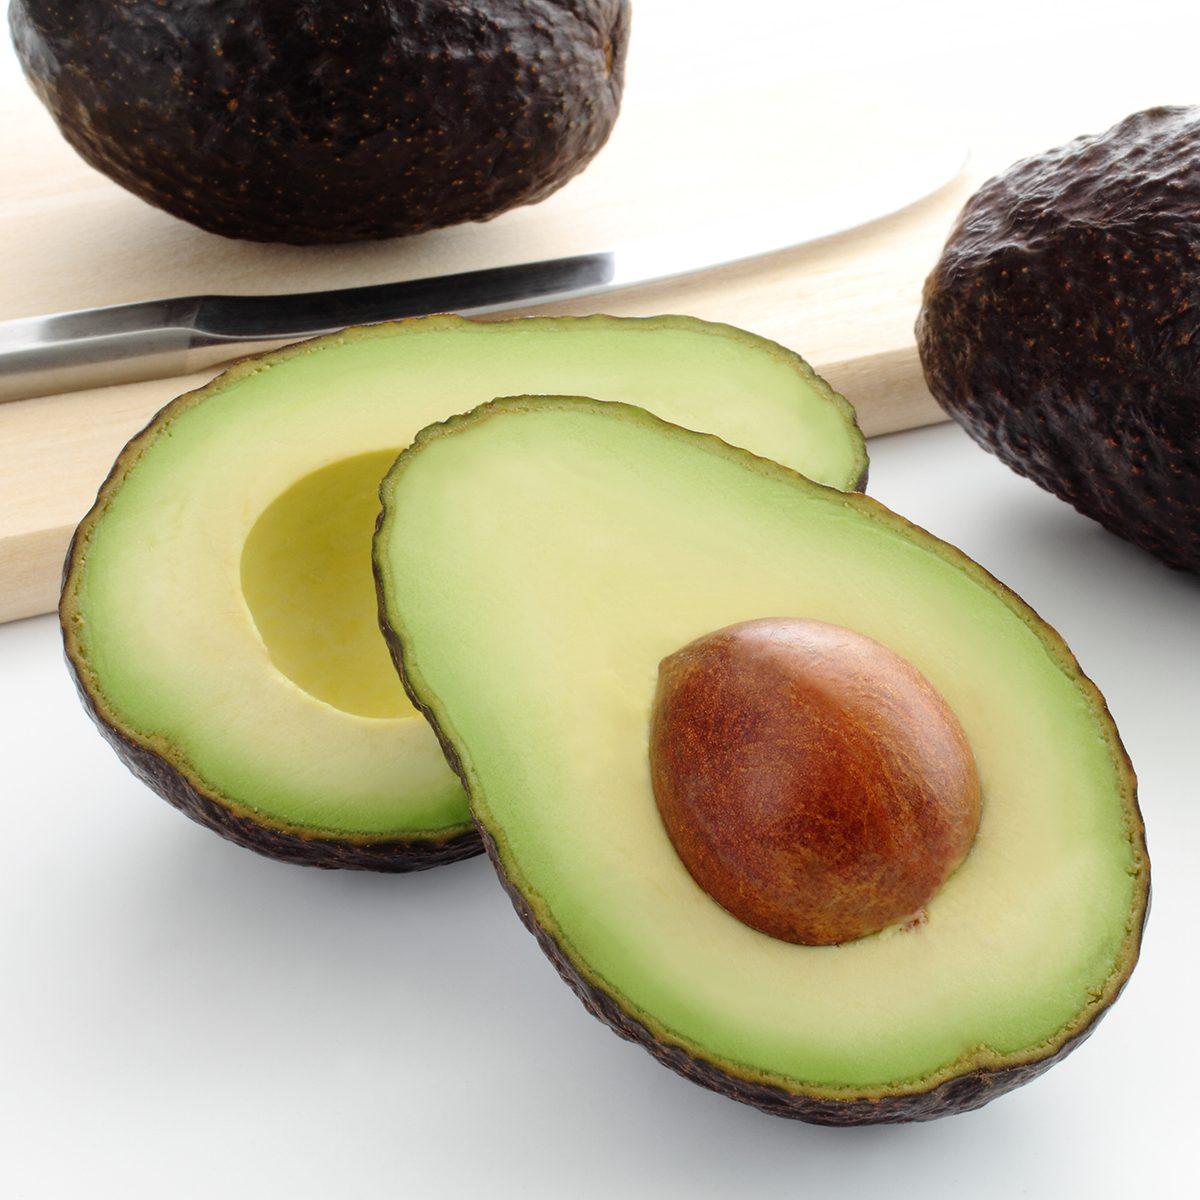 Cut fresh avocado on cutting board/ Avocado; Shutterstock ID 663927946; Job (TFH, TOH, RD, BNB, CWM, CM): TOH